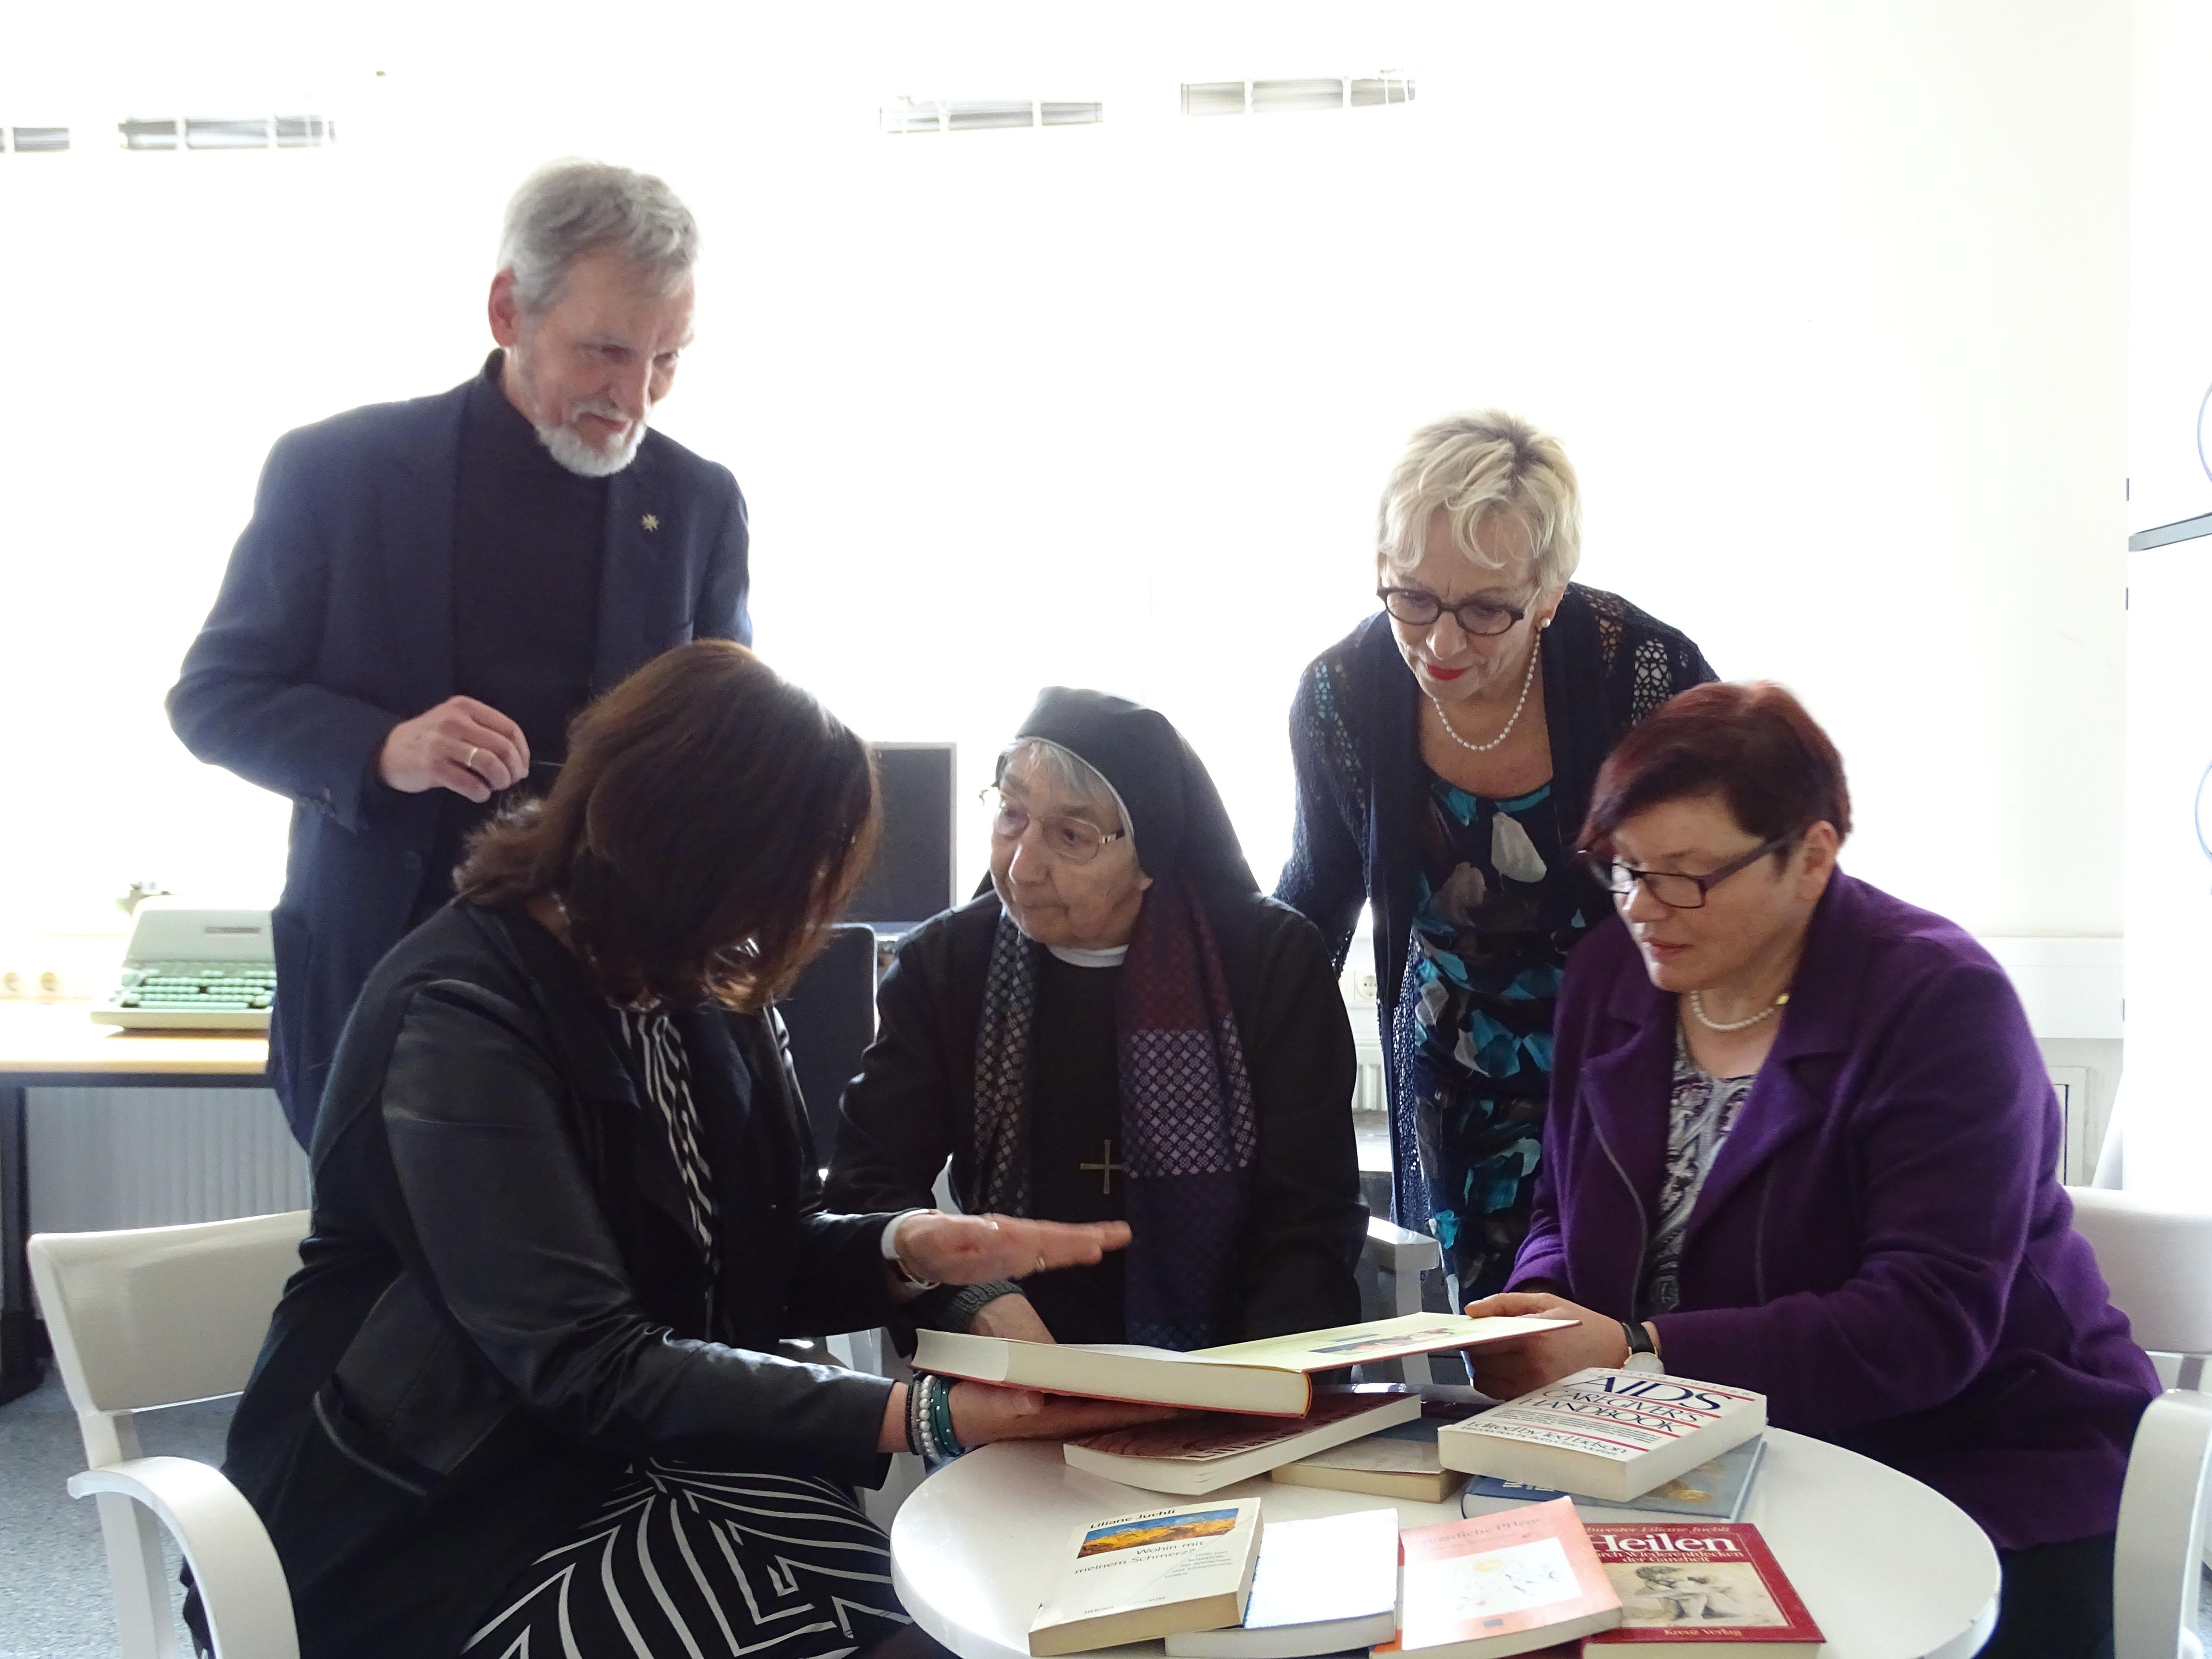 Rege Erinnerungsarbeit über 50 Jahre Pflegeausbildung im Wandel der Zeit